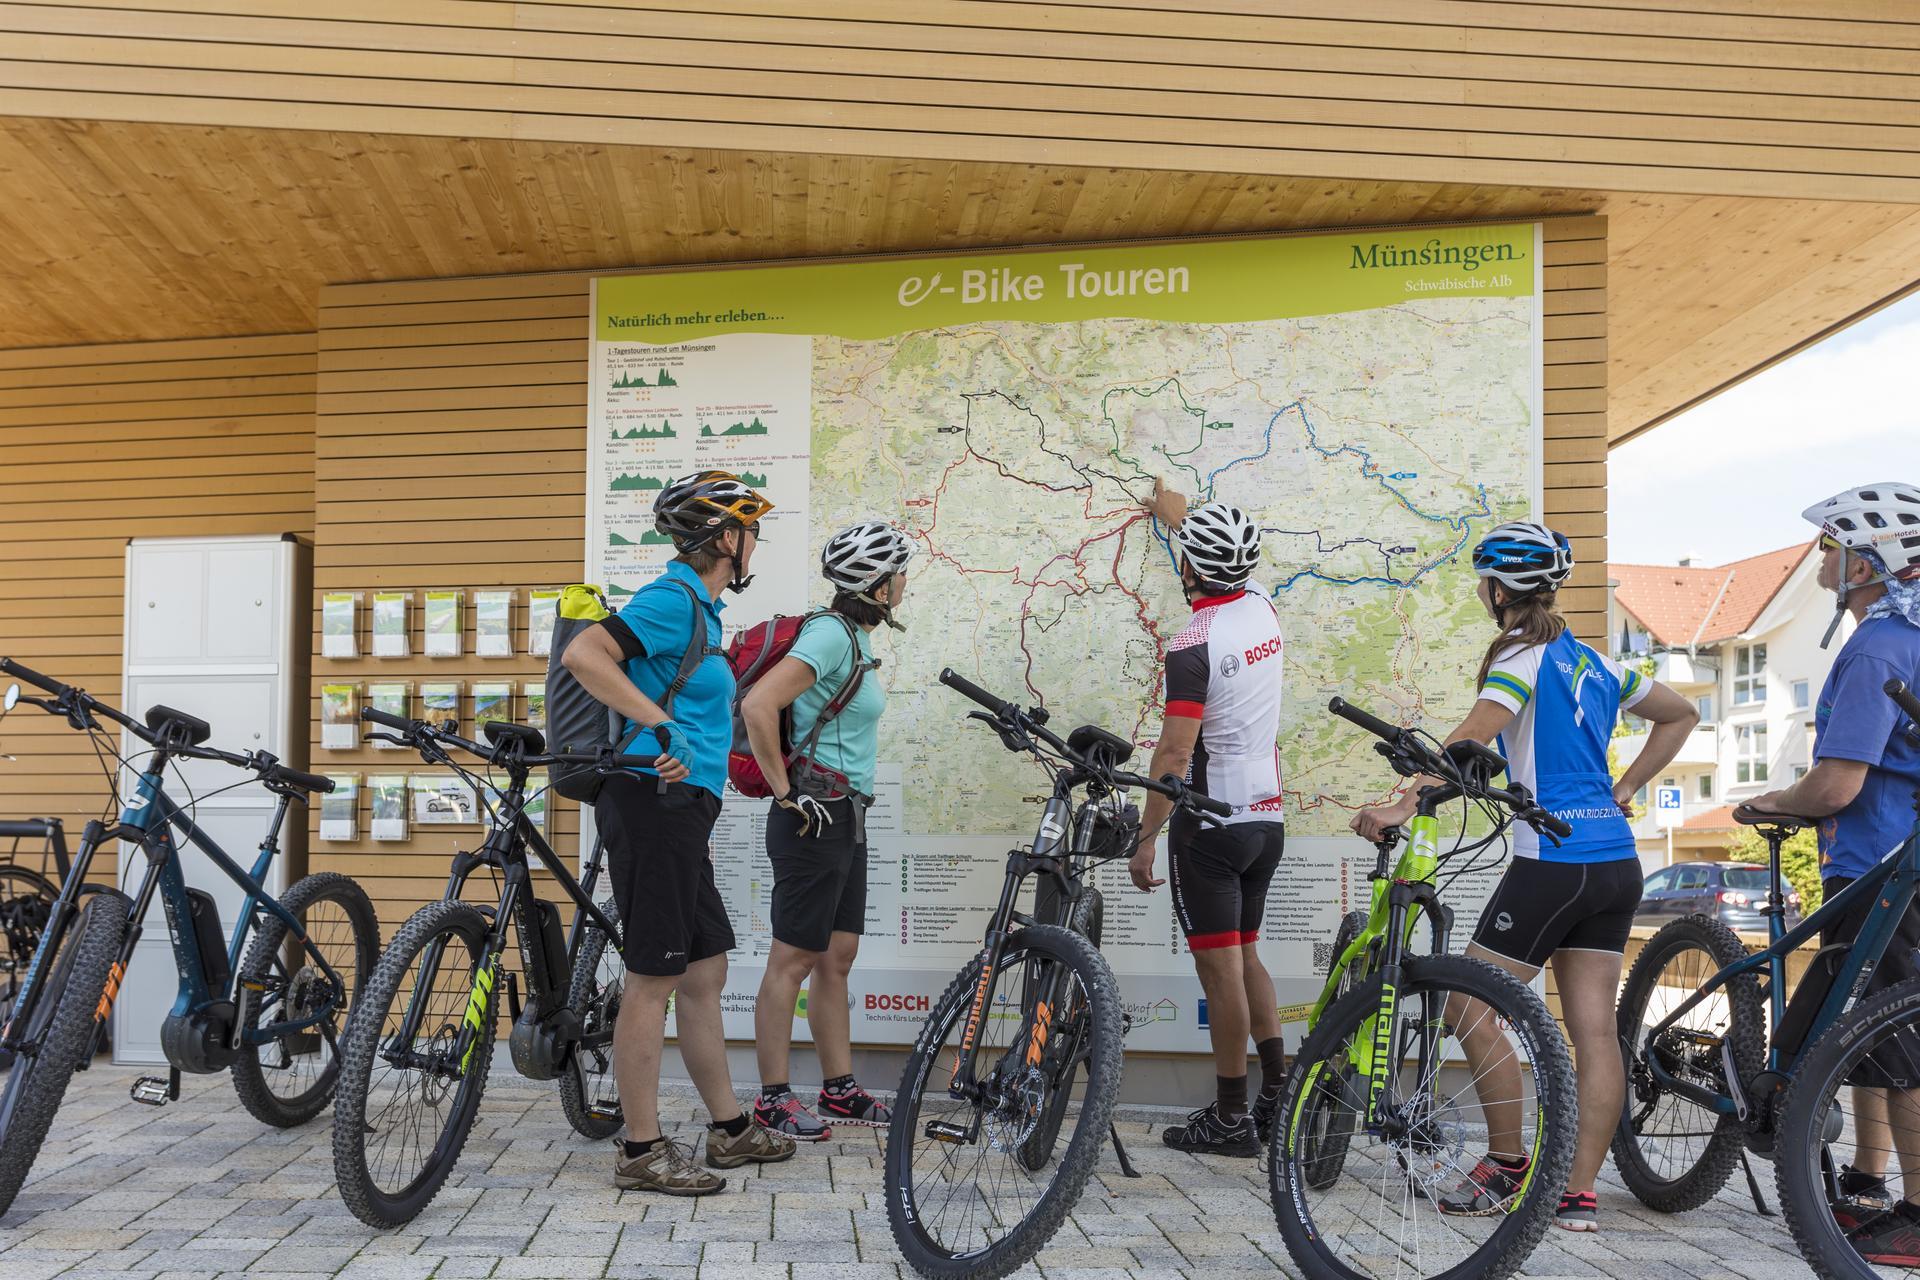 Fünf Radfahrer*innen stehen vor einer großen Landkarte mit den e-Bike Touren von Münsingen. Die Person in der Mitte zeigt darauf, die anderen blicken interessiert auf die Karte. Alle haben ein e-Bike und sind sportlich kurz gekleidet.